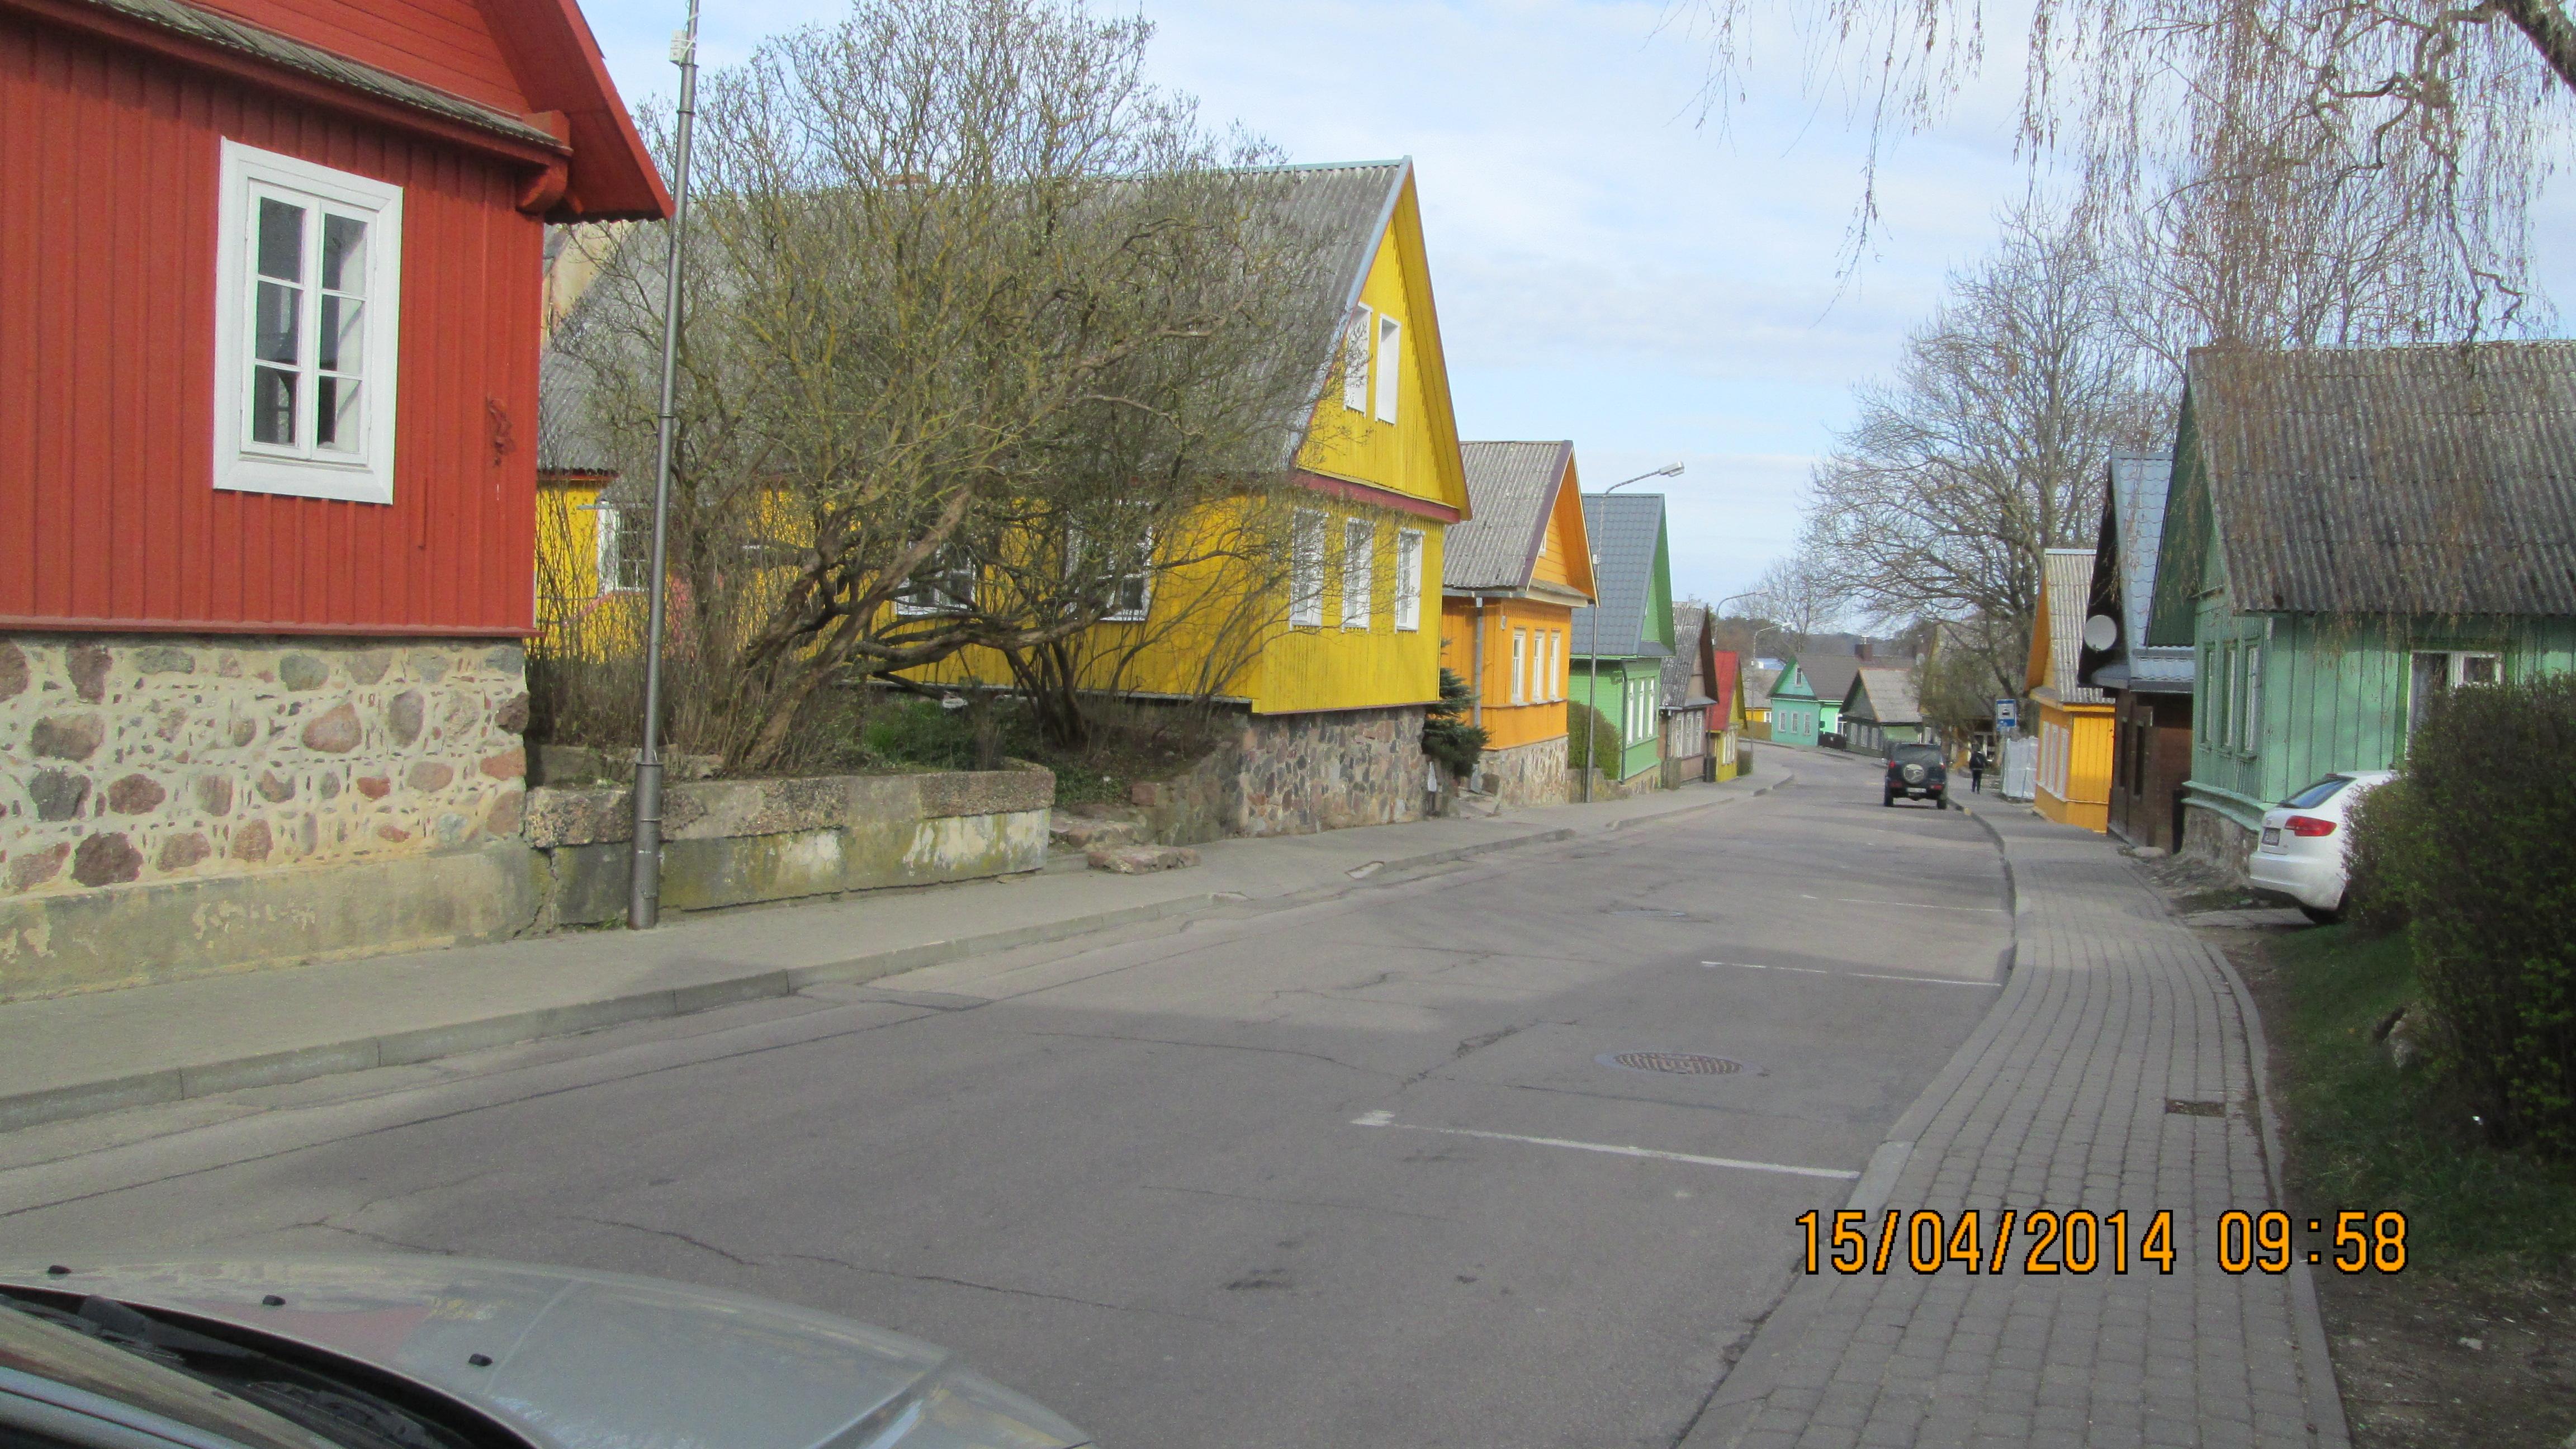 שלושה חלונות בחזית כל בית